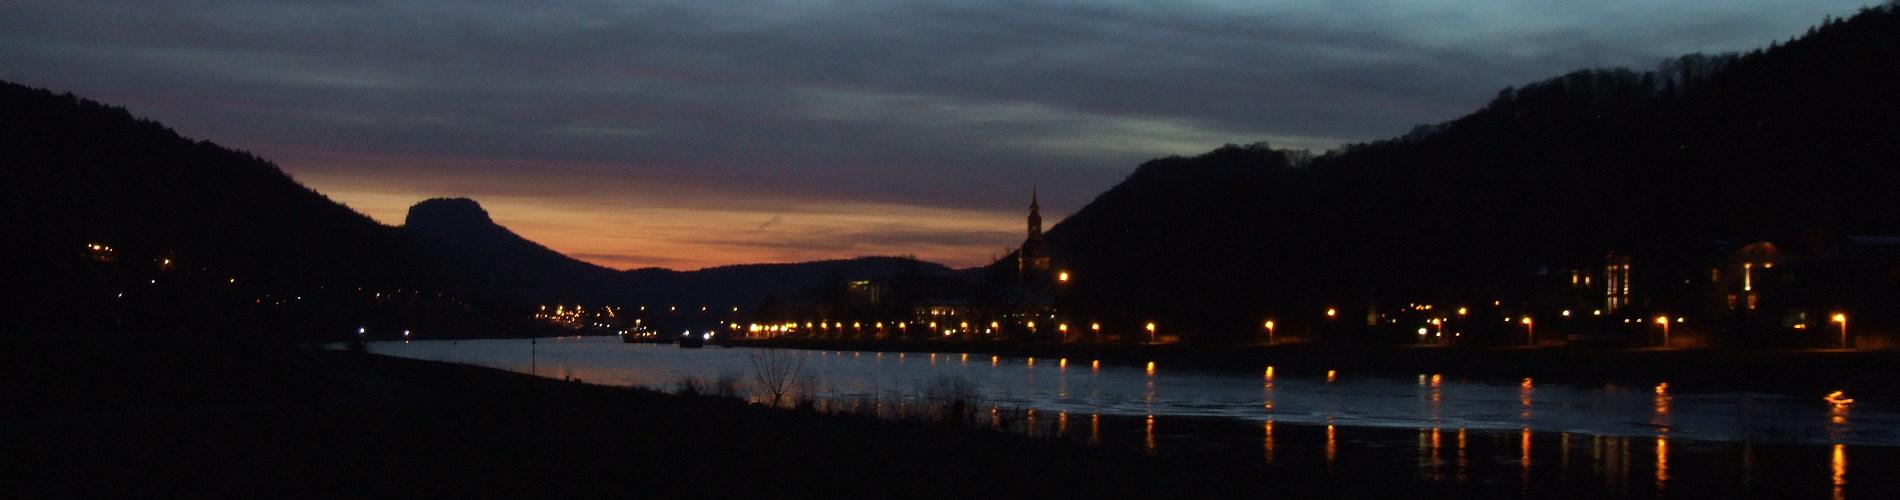 Bad Schandau bei Nacht, Elbufer, im Hintergrund der Lilienstein